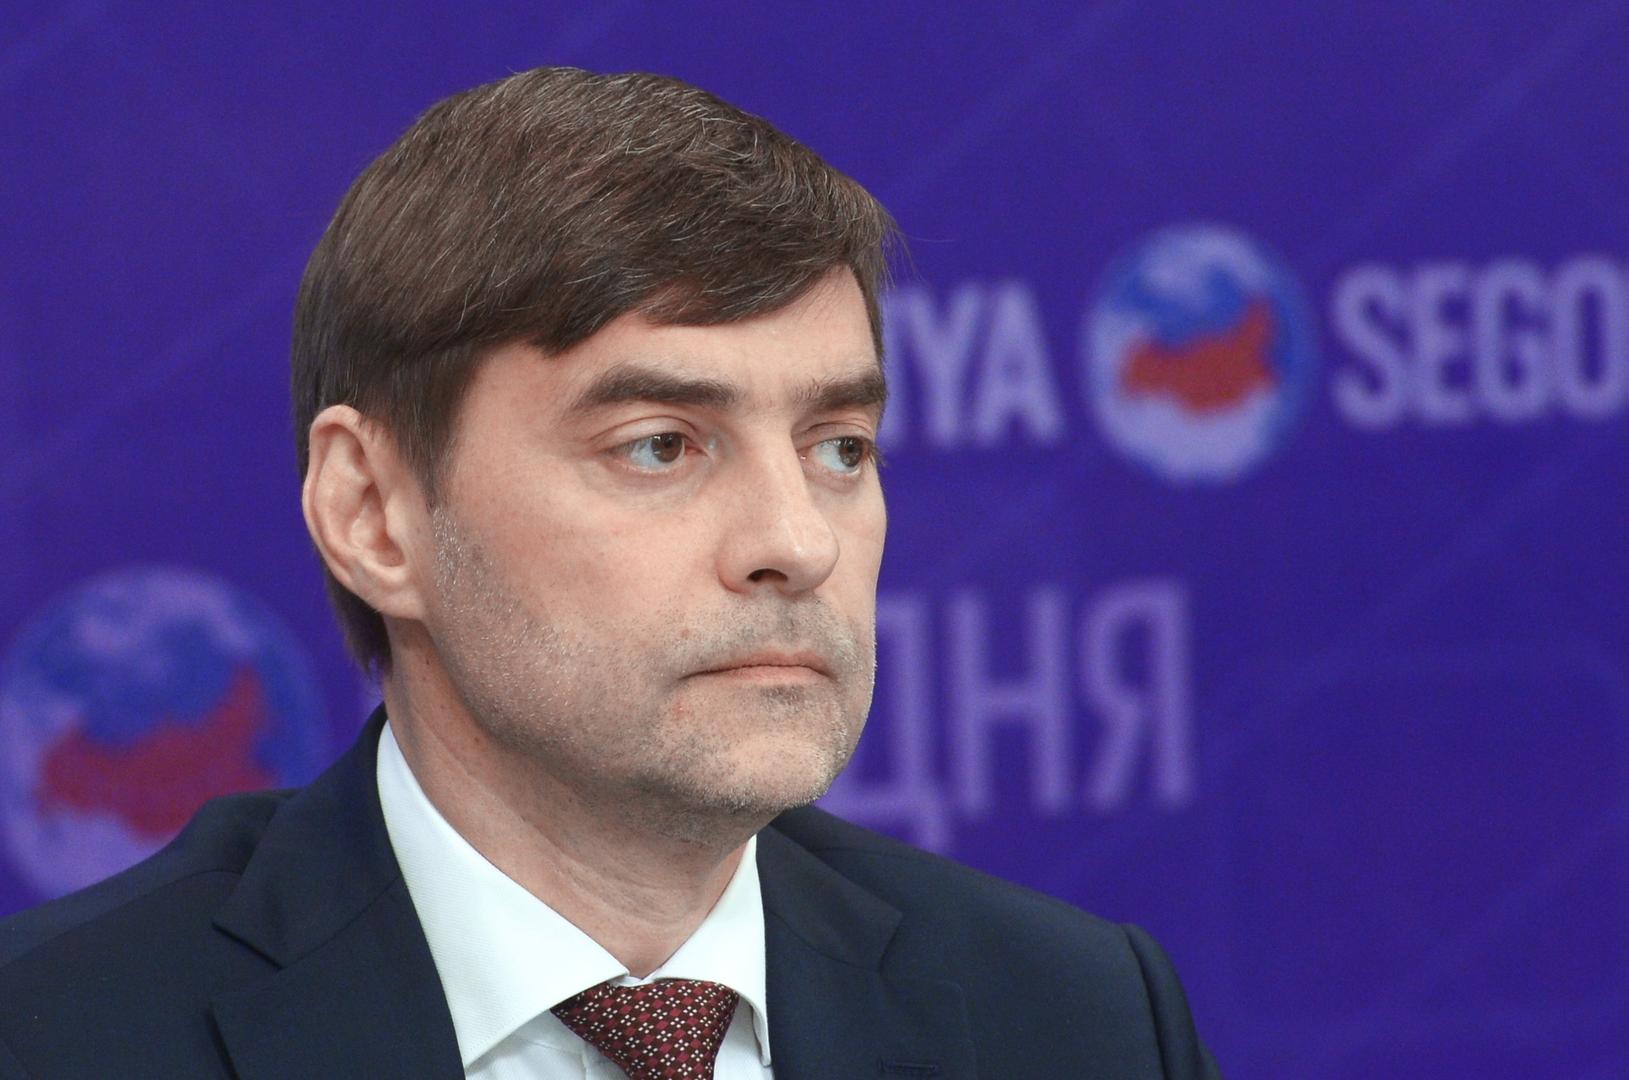 تعليق روسي على مشروع قانون أمريكي يفرض قيودا على بيع الأسلحة لدول اشترت